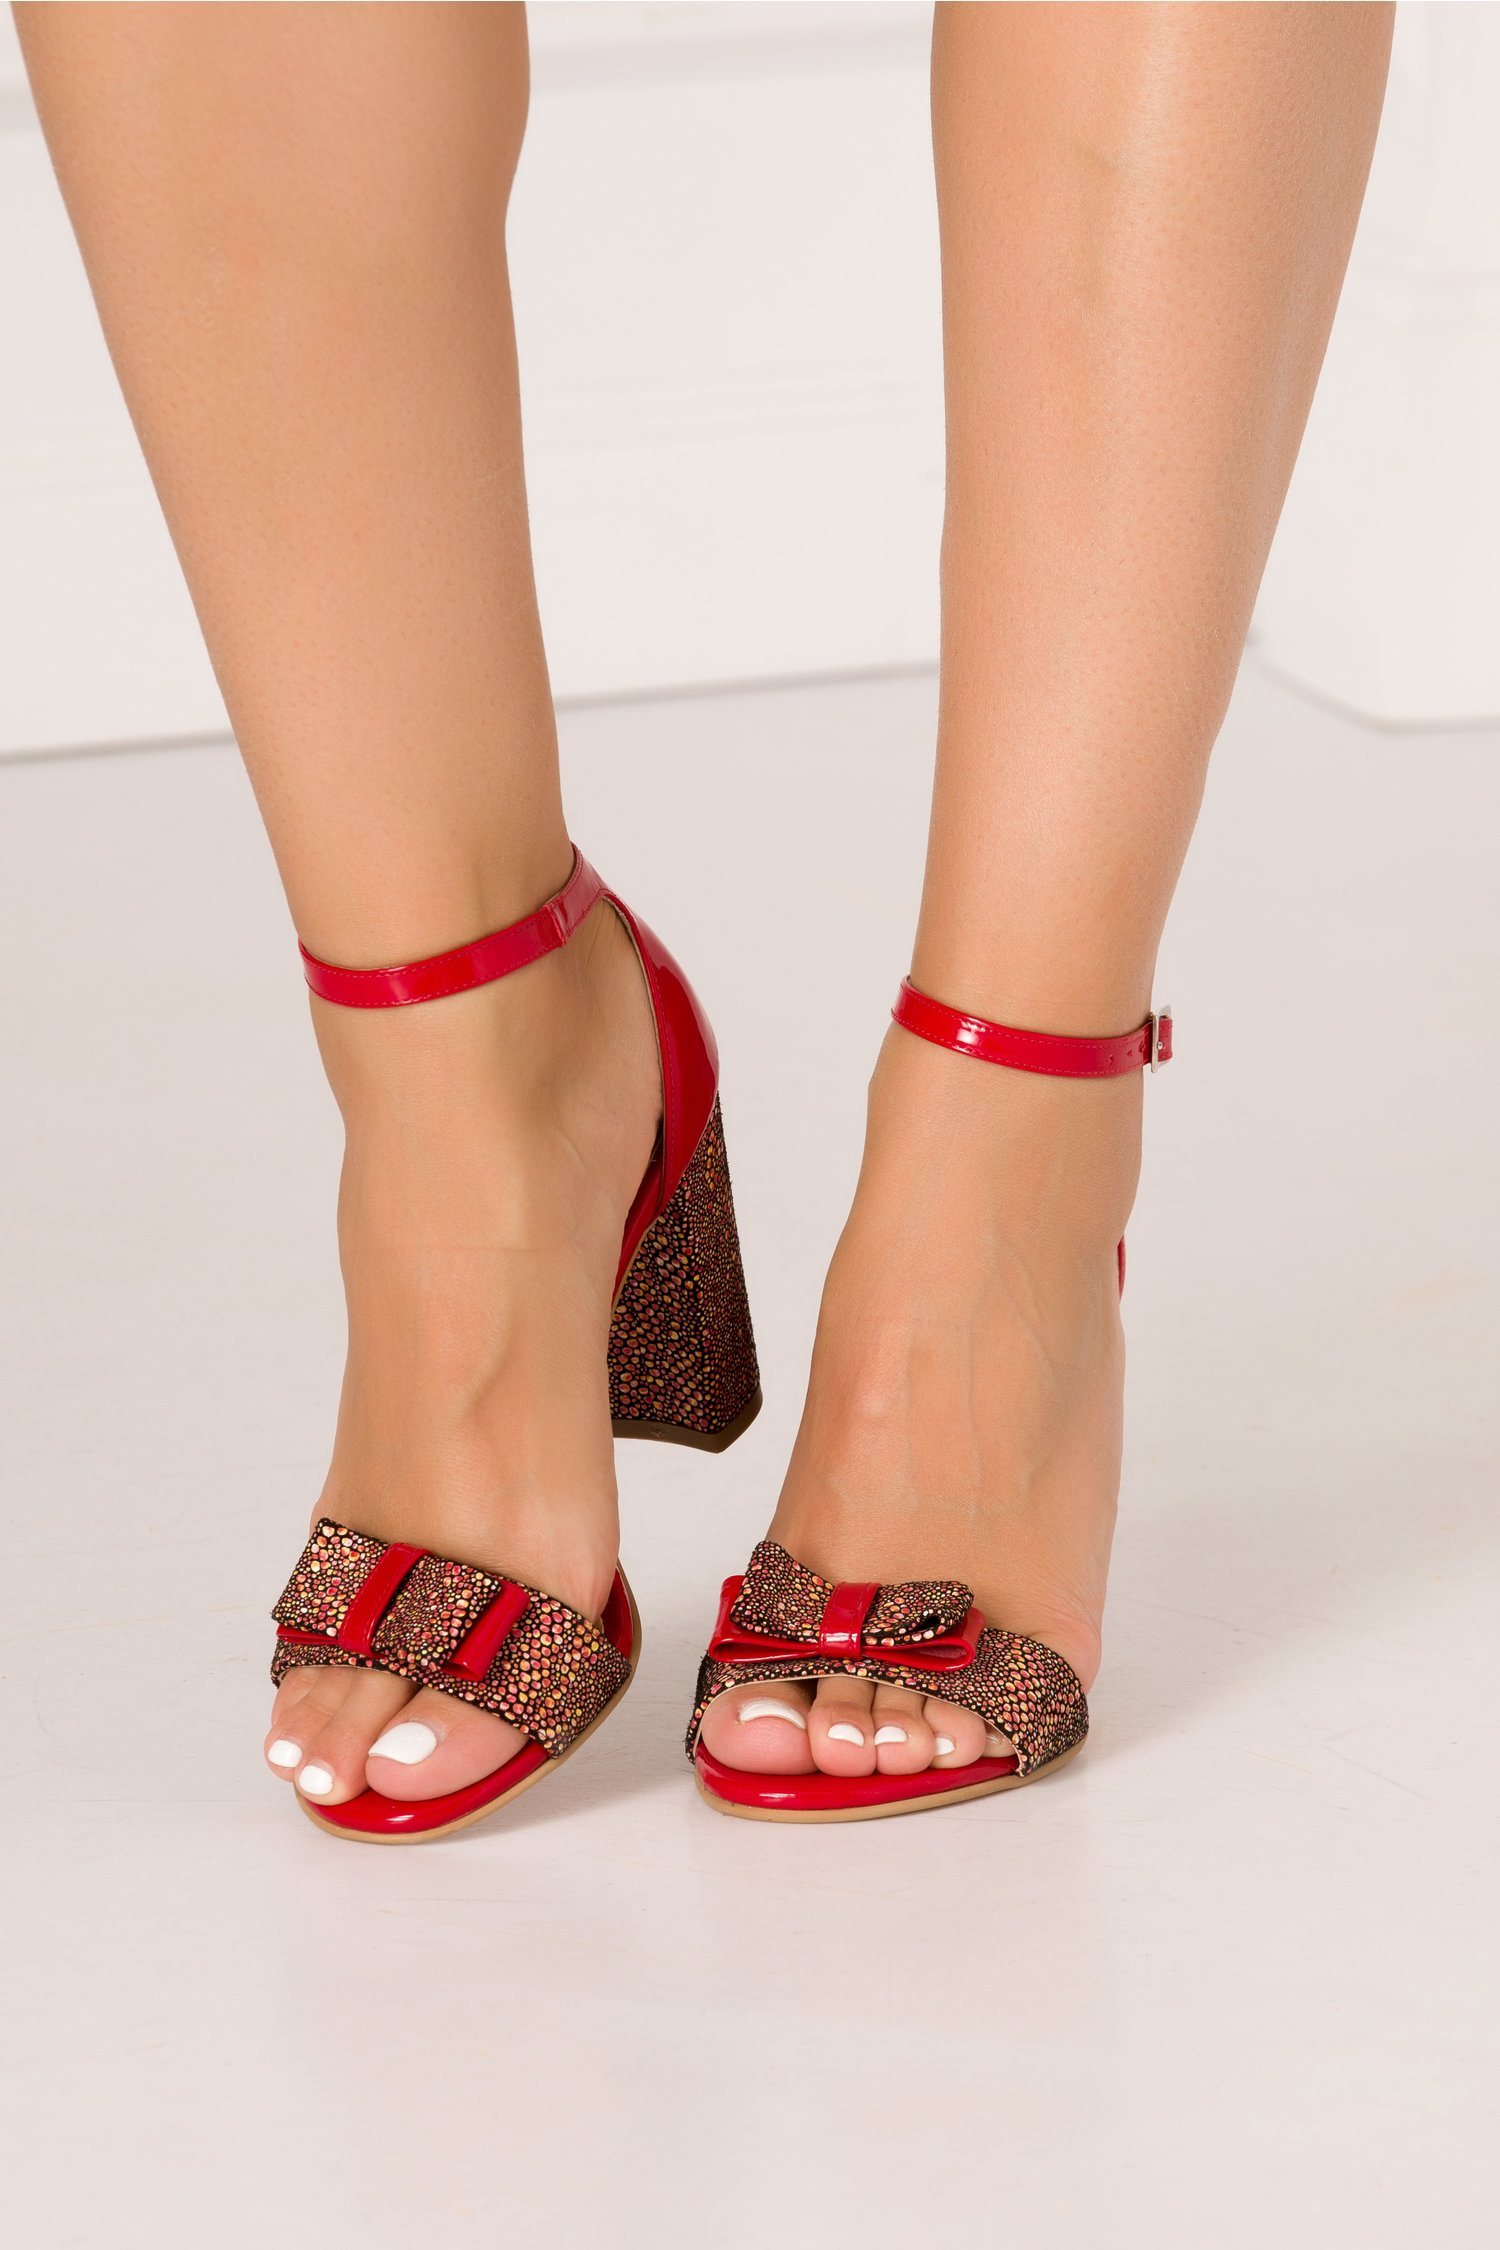 Sandale rosii din piele lacuita cu imprimeu mozaic